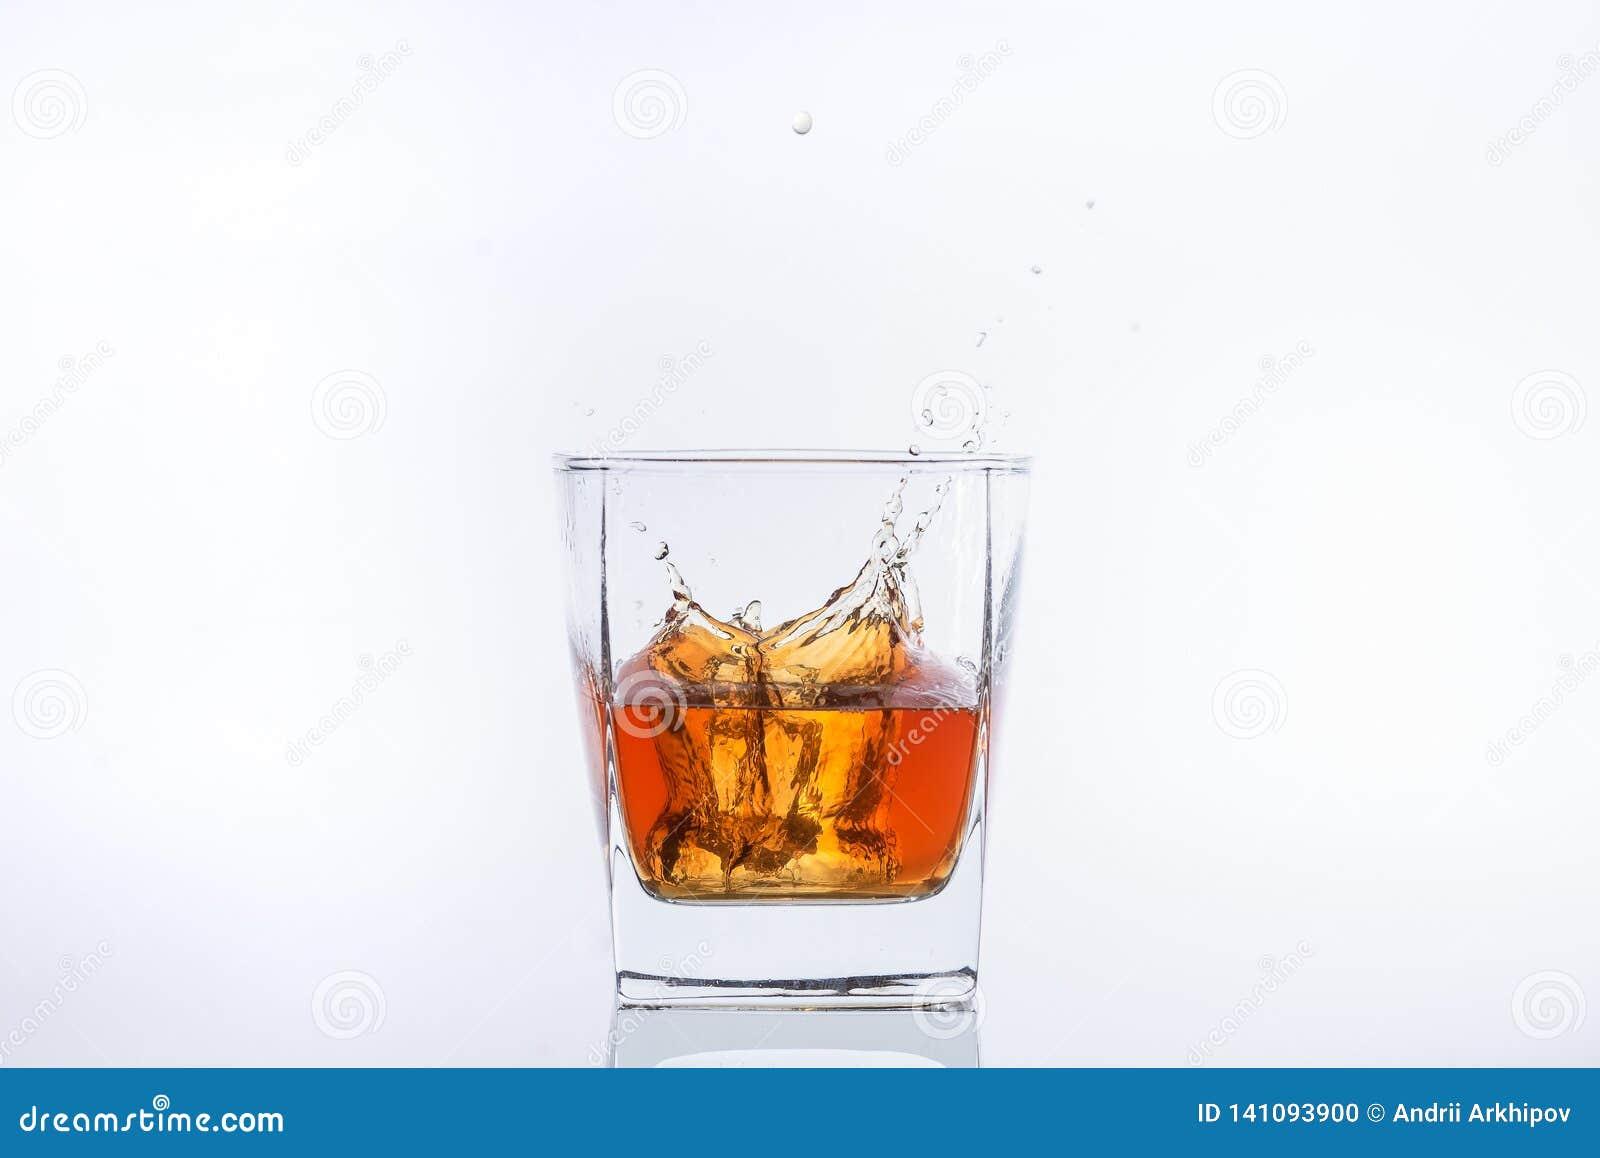 El cubo de hielo cae con salpica en un vidrio con alcohol